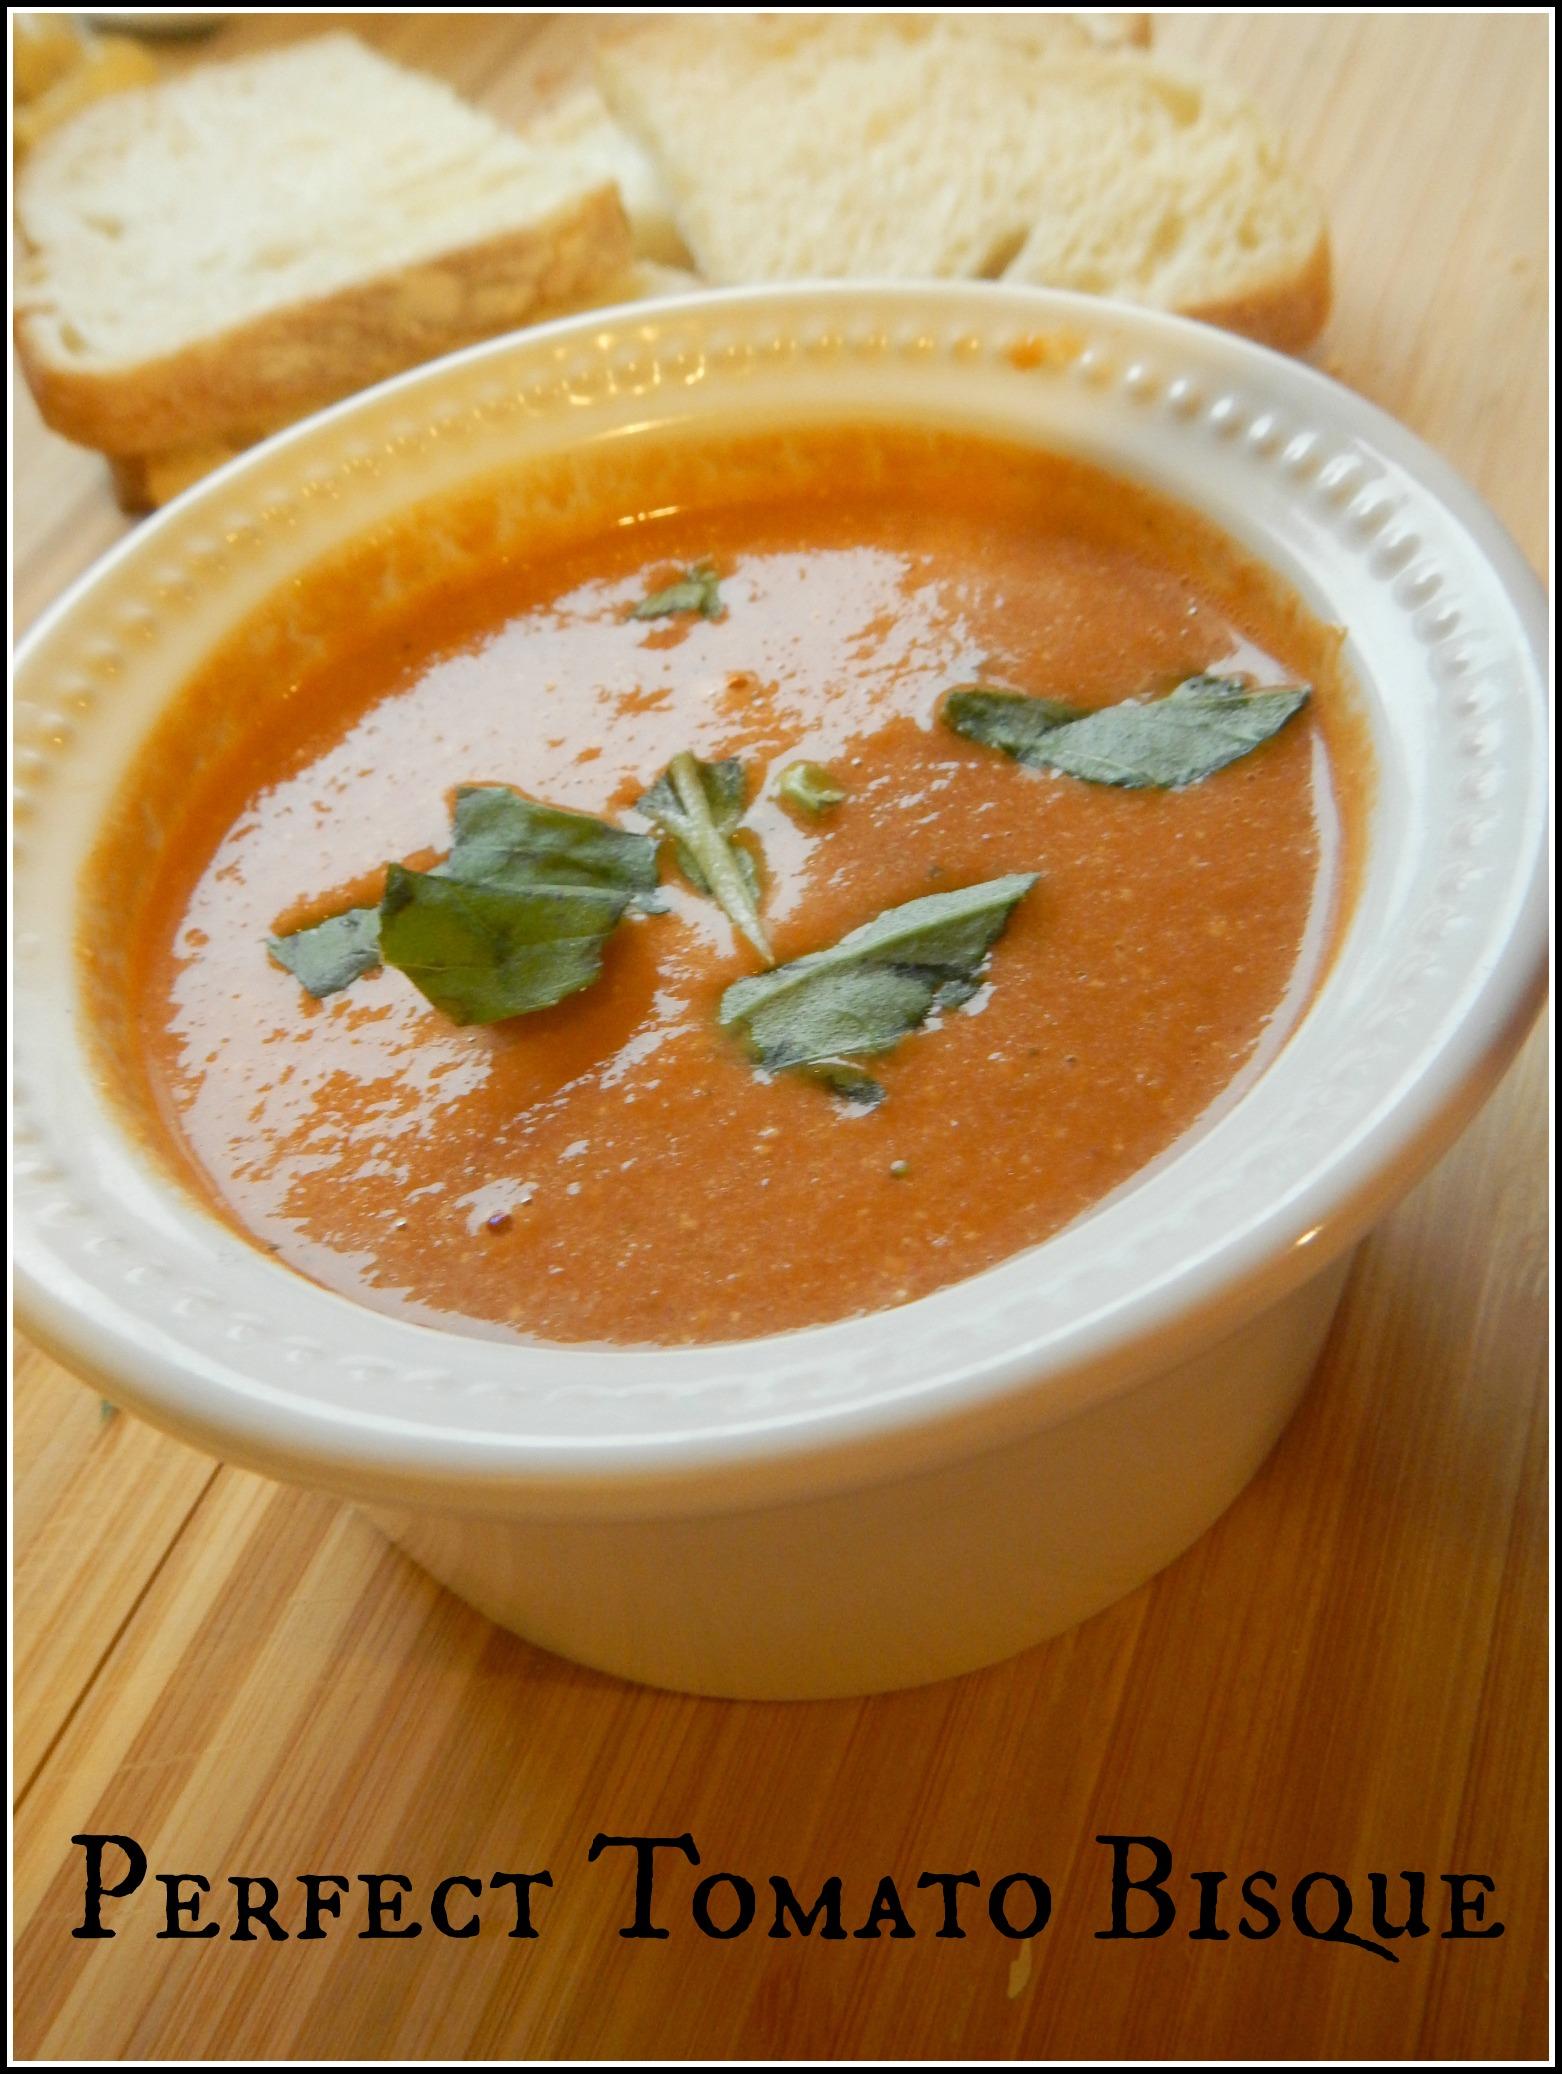 Perfect Tomato Bisque Soup Recipe